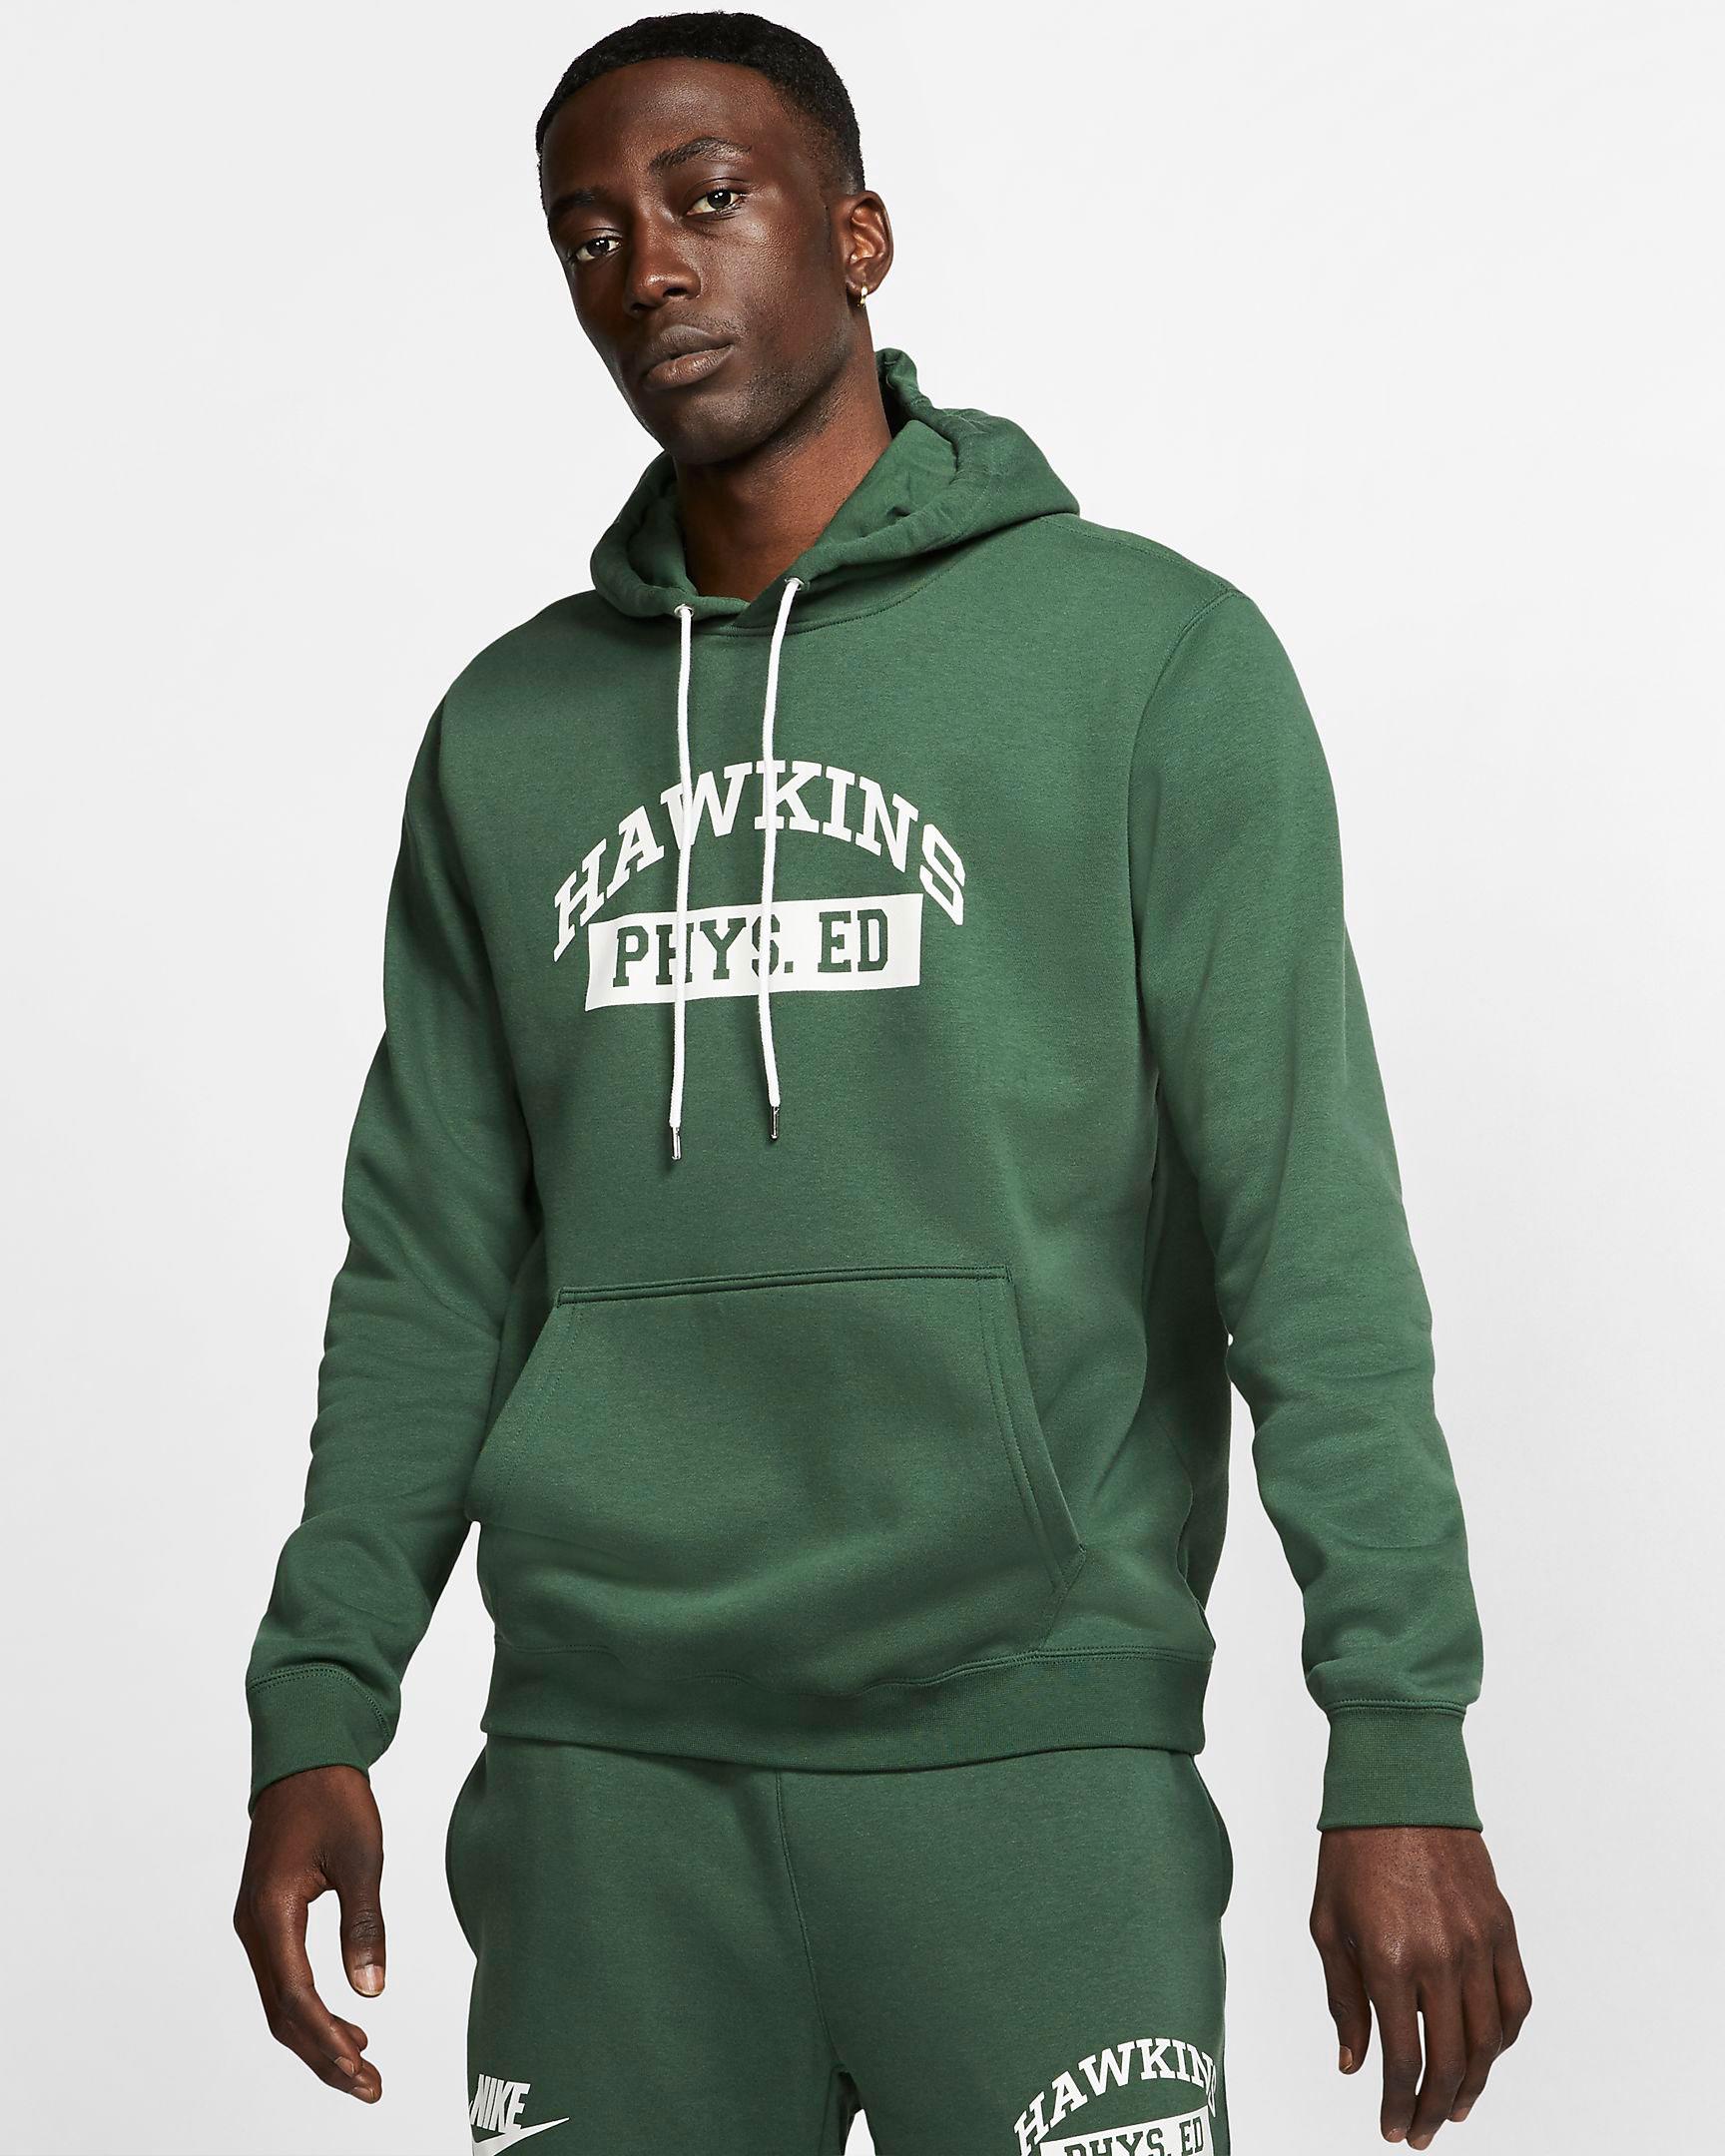 nike-stranger-things-hawkins-high-hoodie-green-1